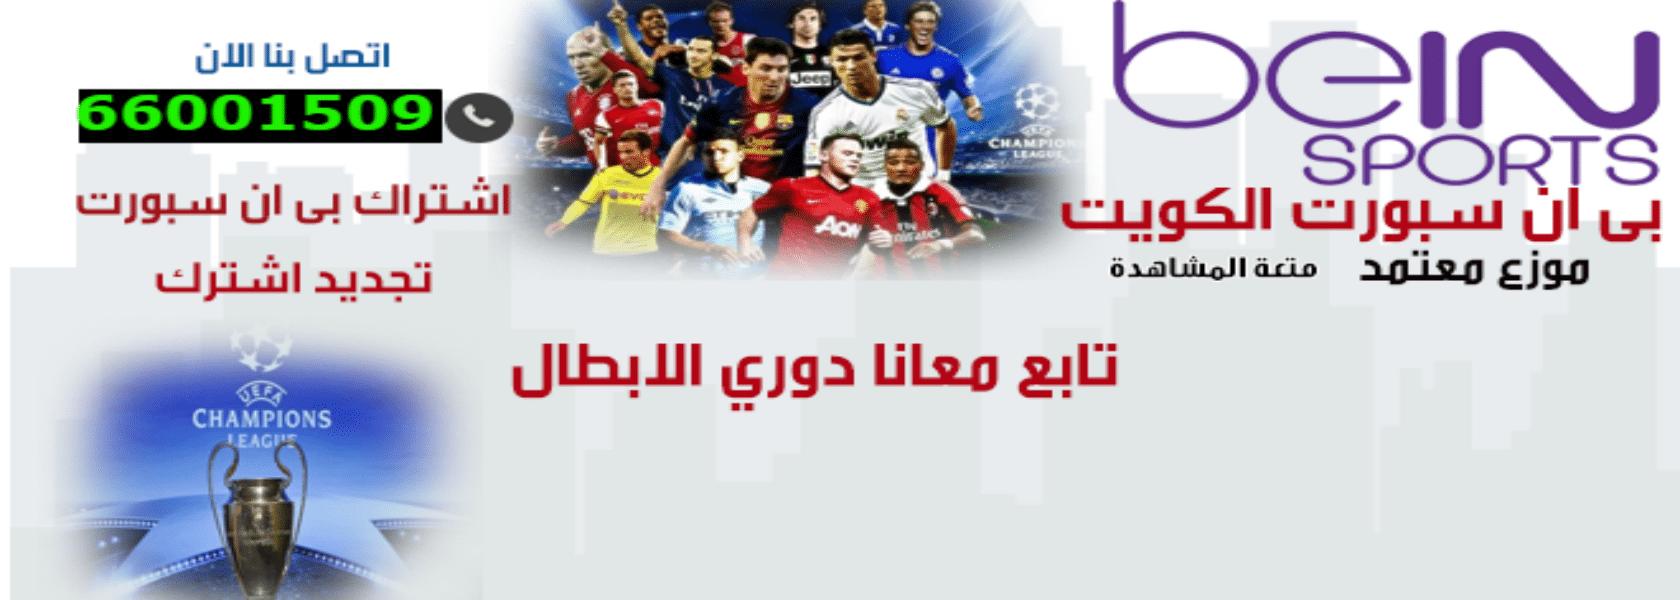 بي إن سبورت الكويت | 66001509